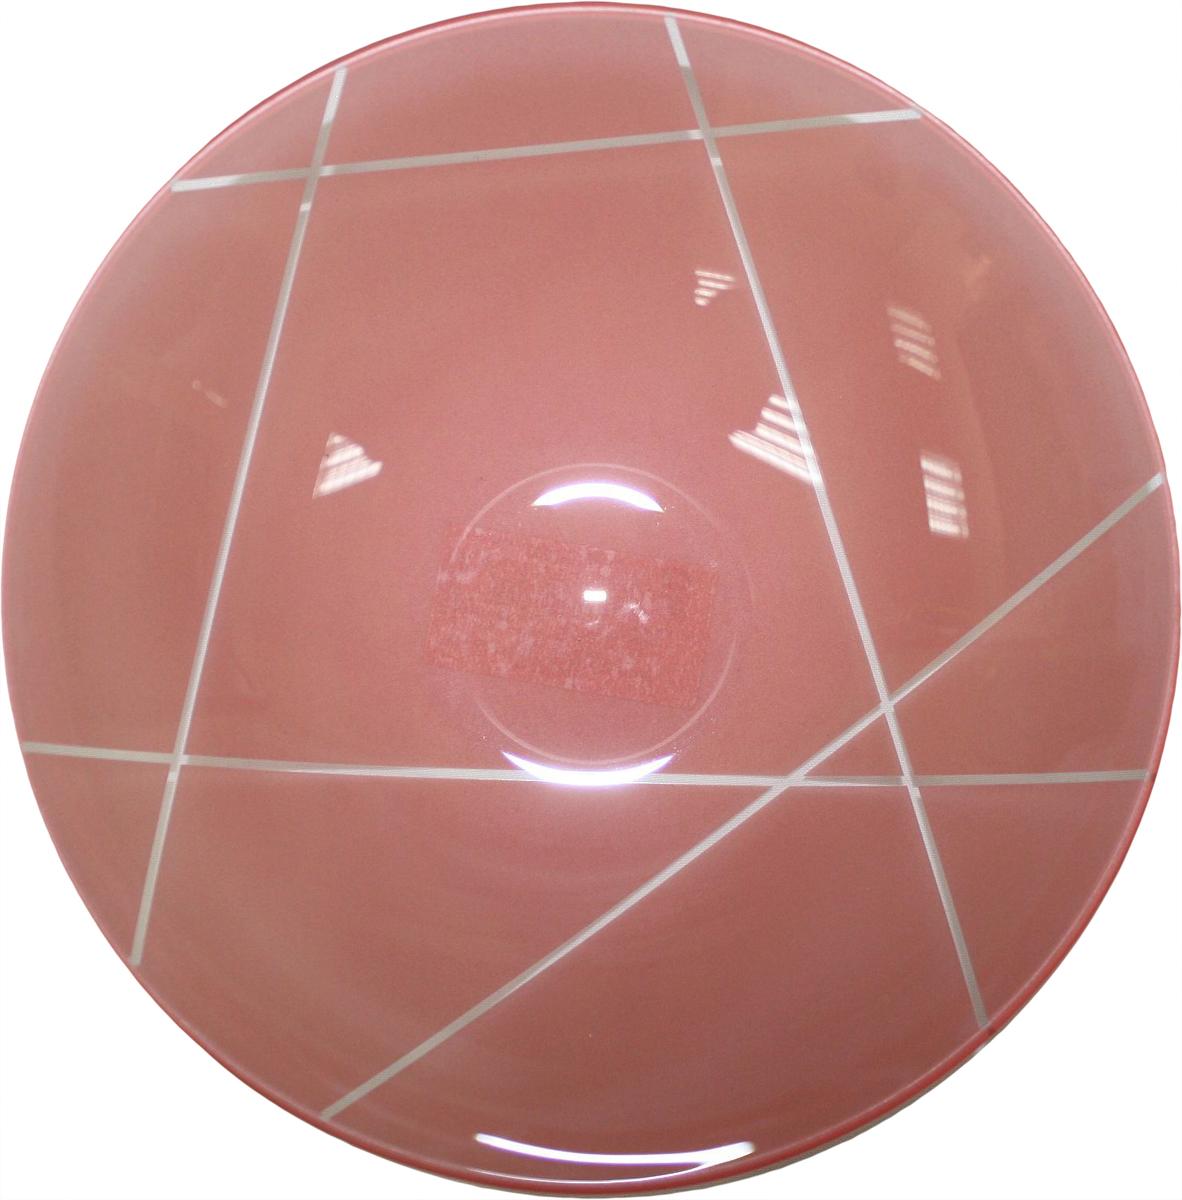 Тарелка NiNaGlass Контур, цвет: красный, диаметр 26 см85-260-002пкТарелка NiNaGlass Конус выполнена из высококачественного стекла и оформлена красивым прозрачным геометрическим принтом. Тарелка идеальна для подачи вторых блюд, а также сервировки закусок, нарезок, салатов, овощей и фруктов. Она отлично подойдет как для повседневных, так и для торжественных случаев. Такая тарелка прекрасно впишется в интерьер вашей кухни и станет достойным дополнением к кухонному инвентарю.